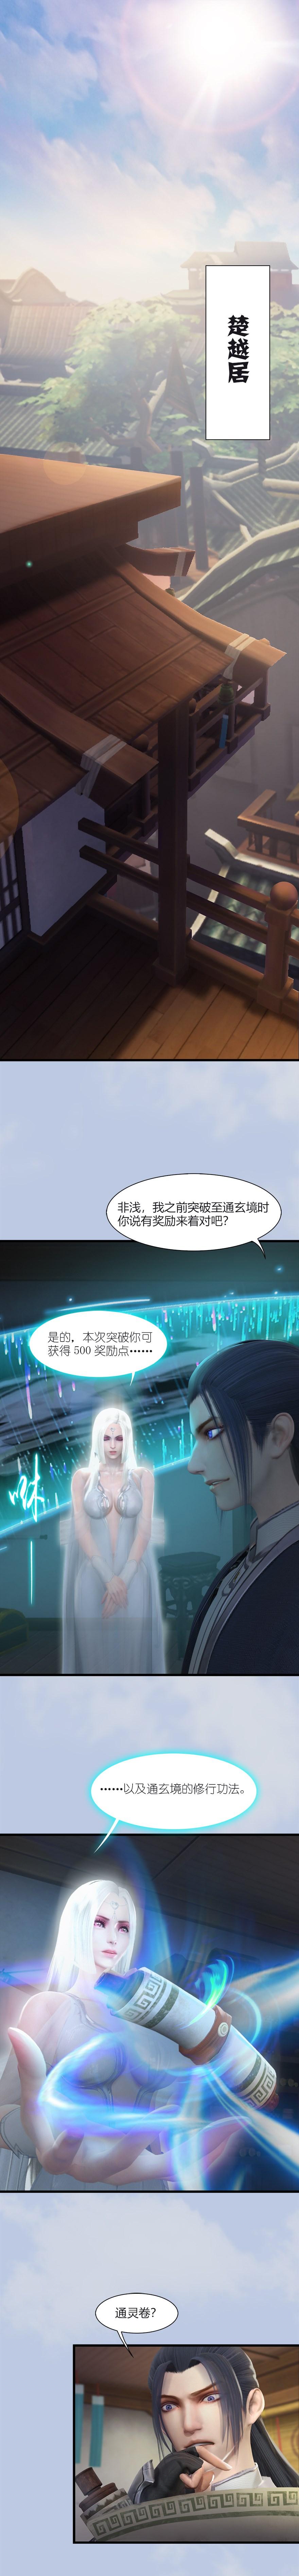 《堕玄师》第33话:灭门为逃命火速搬家,巅峰级玄师已上线